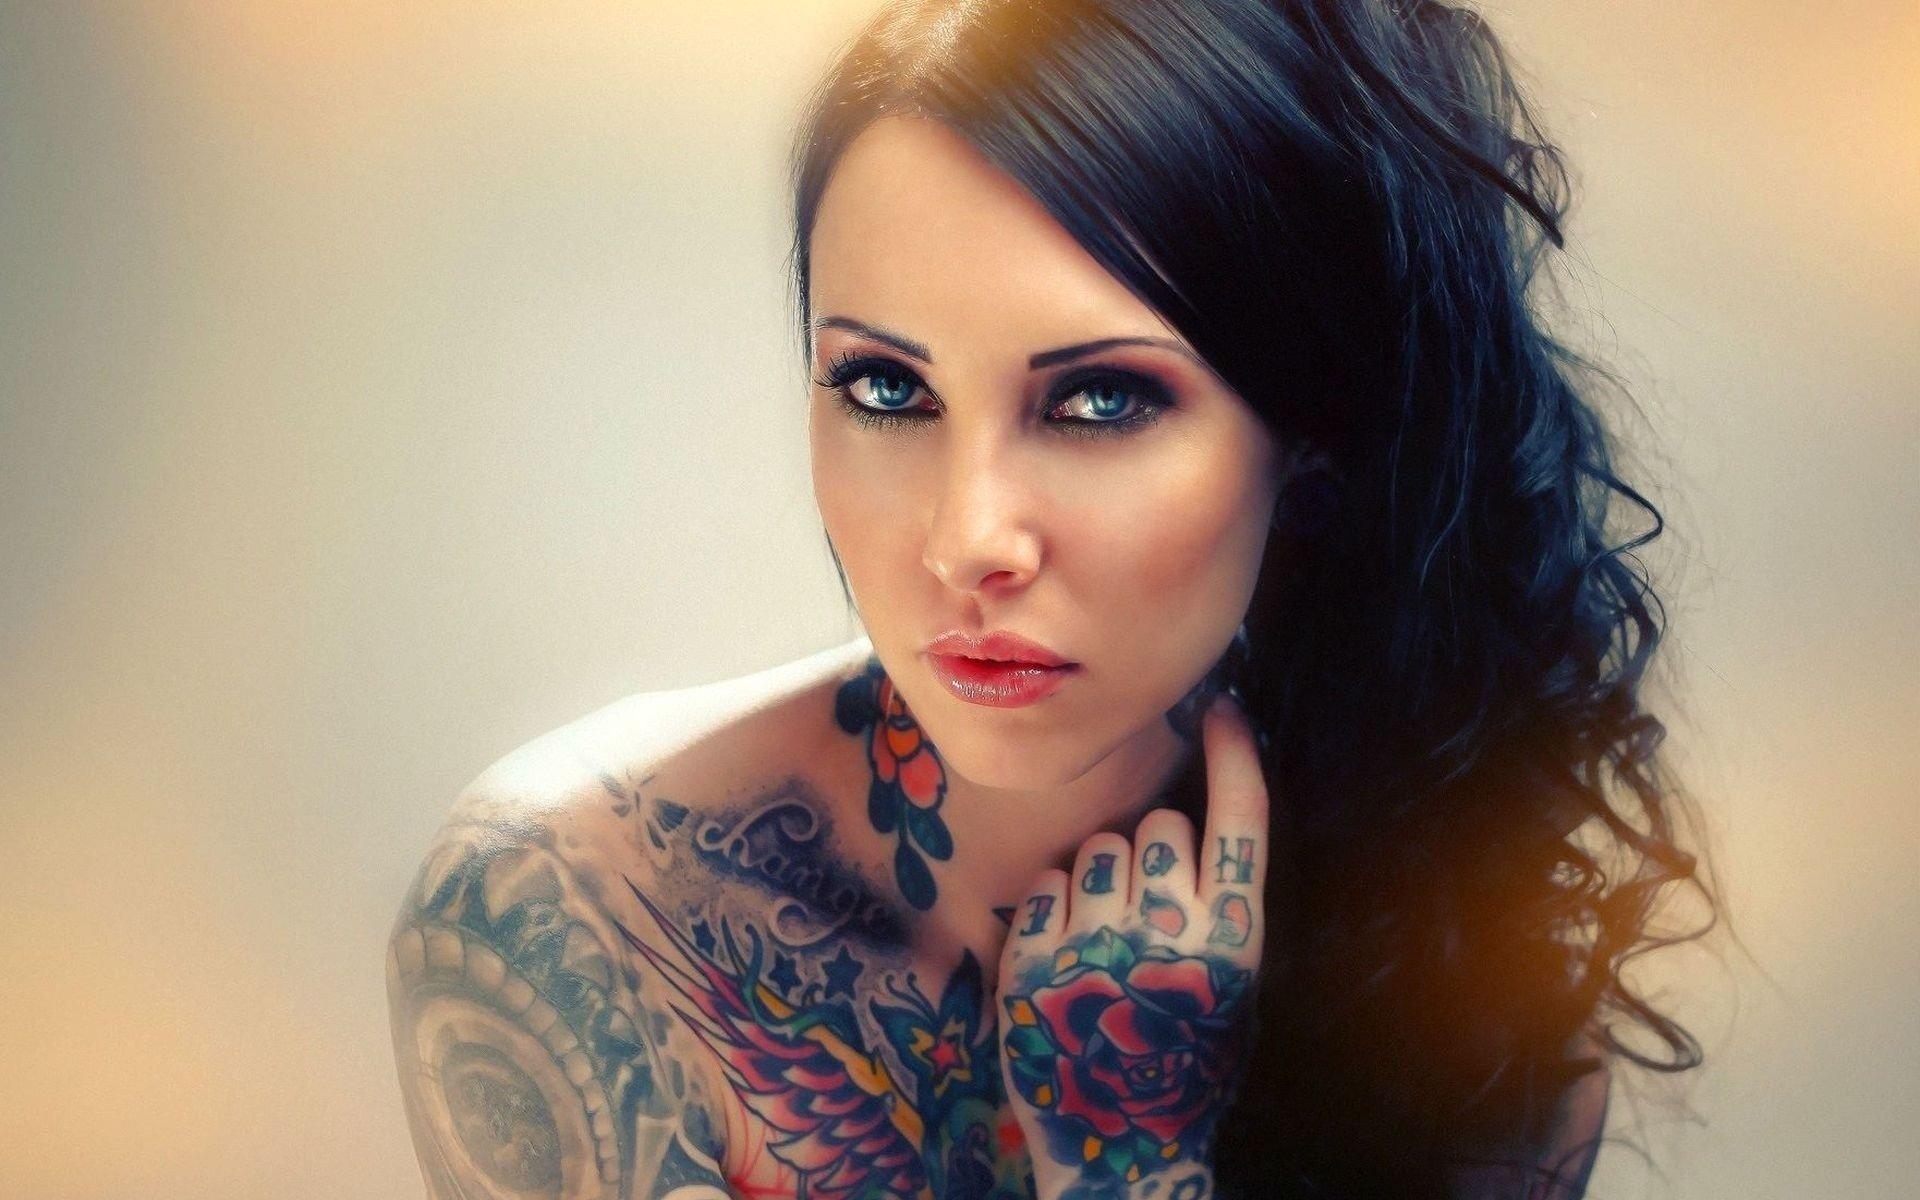 Десять самых татуированных игровых персонажей - Изображение 1